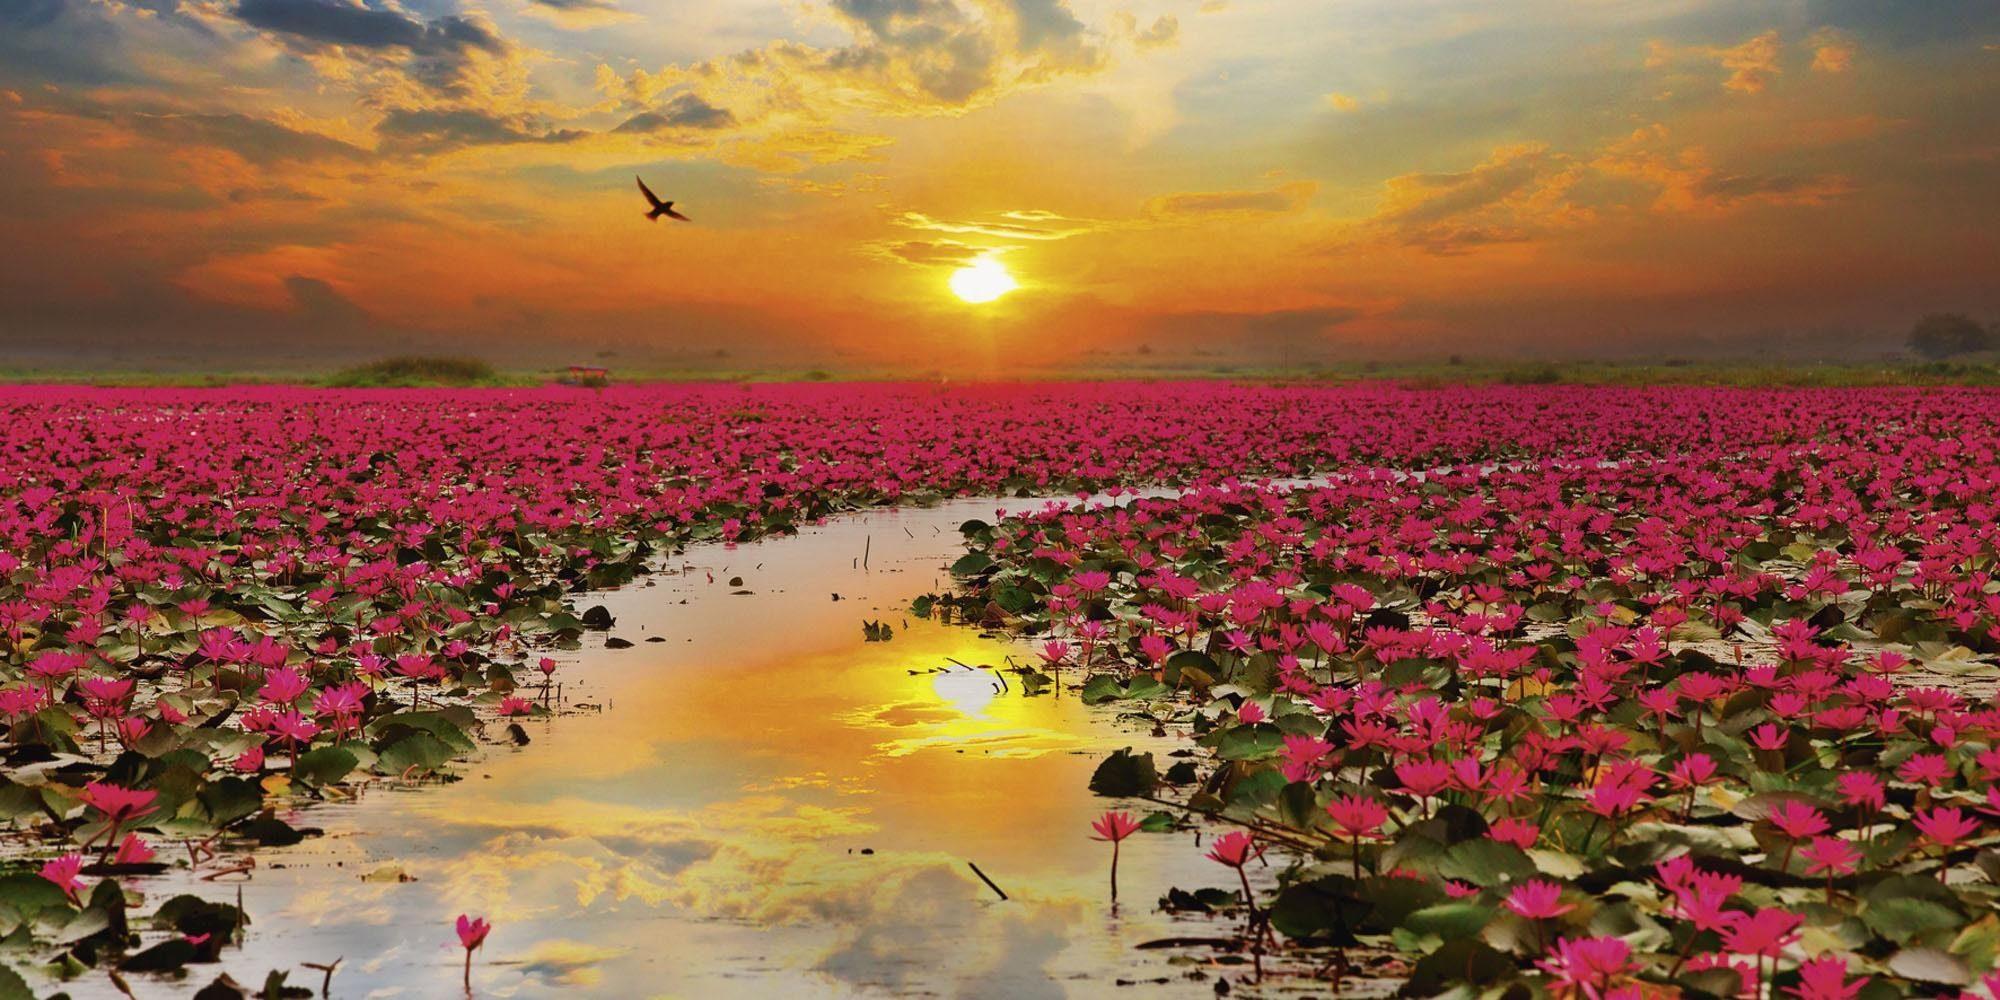 Home affaire Glasbild »S. Plumson: Sonnenschein blühende Lotusblume in Thailand«, See, Blumen, 100/50 cm